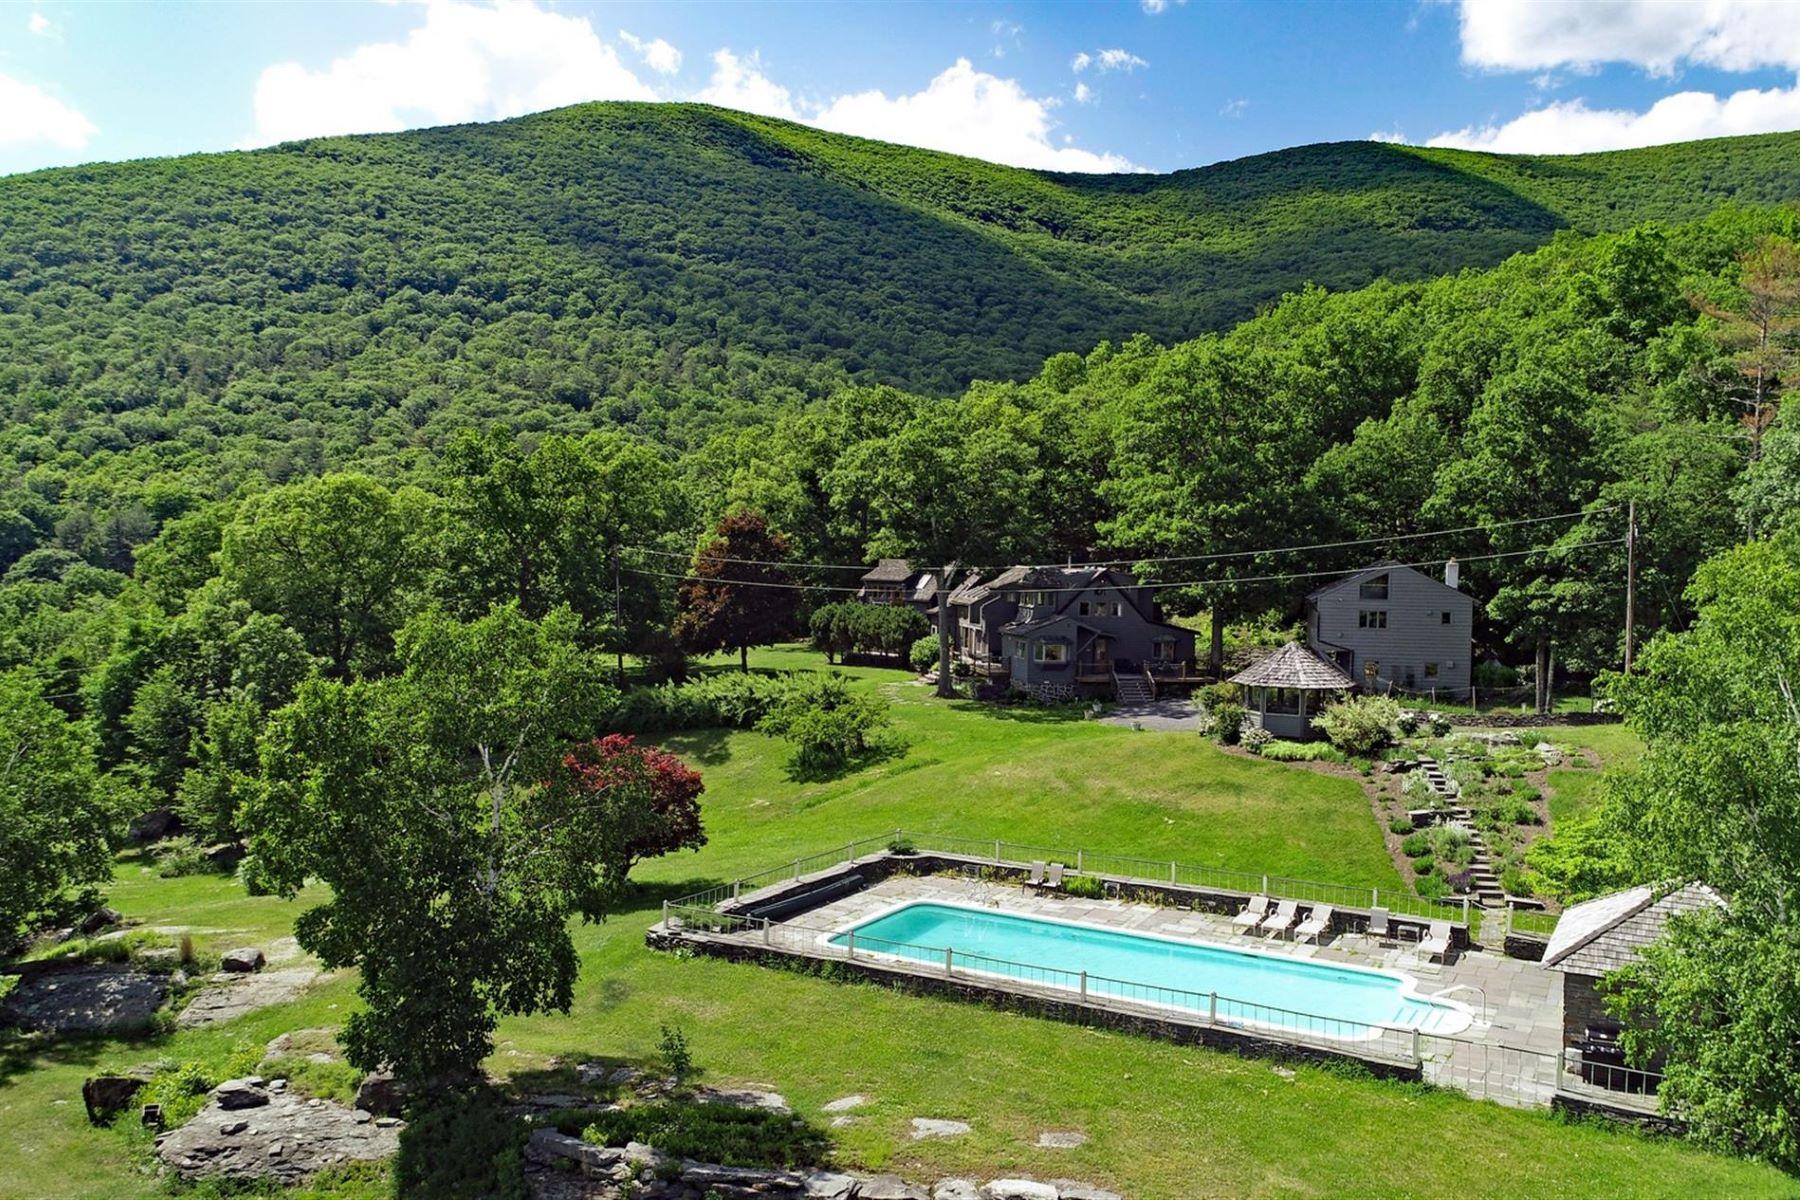 独户住宅 为 销售 在 Woodstock Hidden Jewel 41 Falls Crossing 伍德斯托克, 纽约州 12448 美国